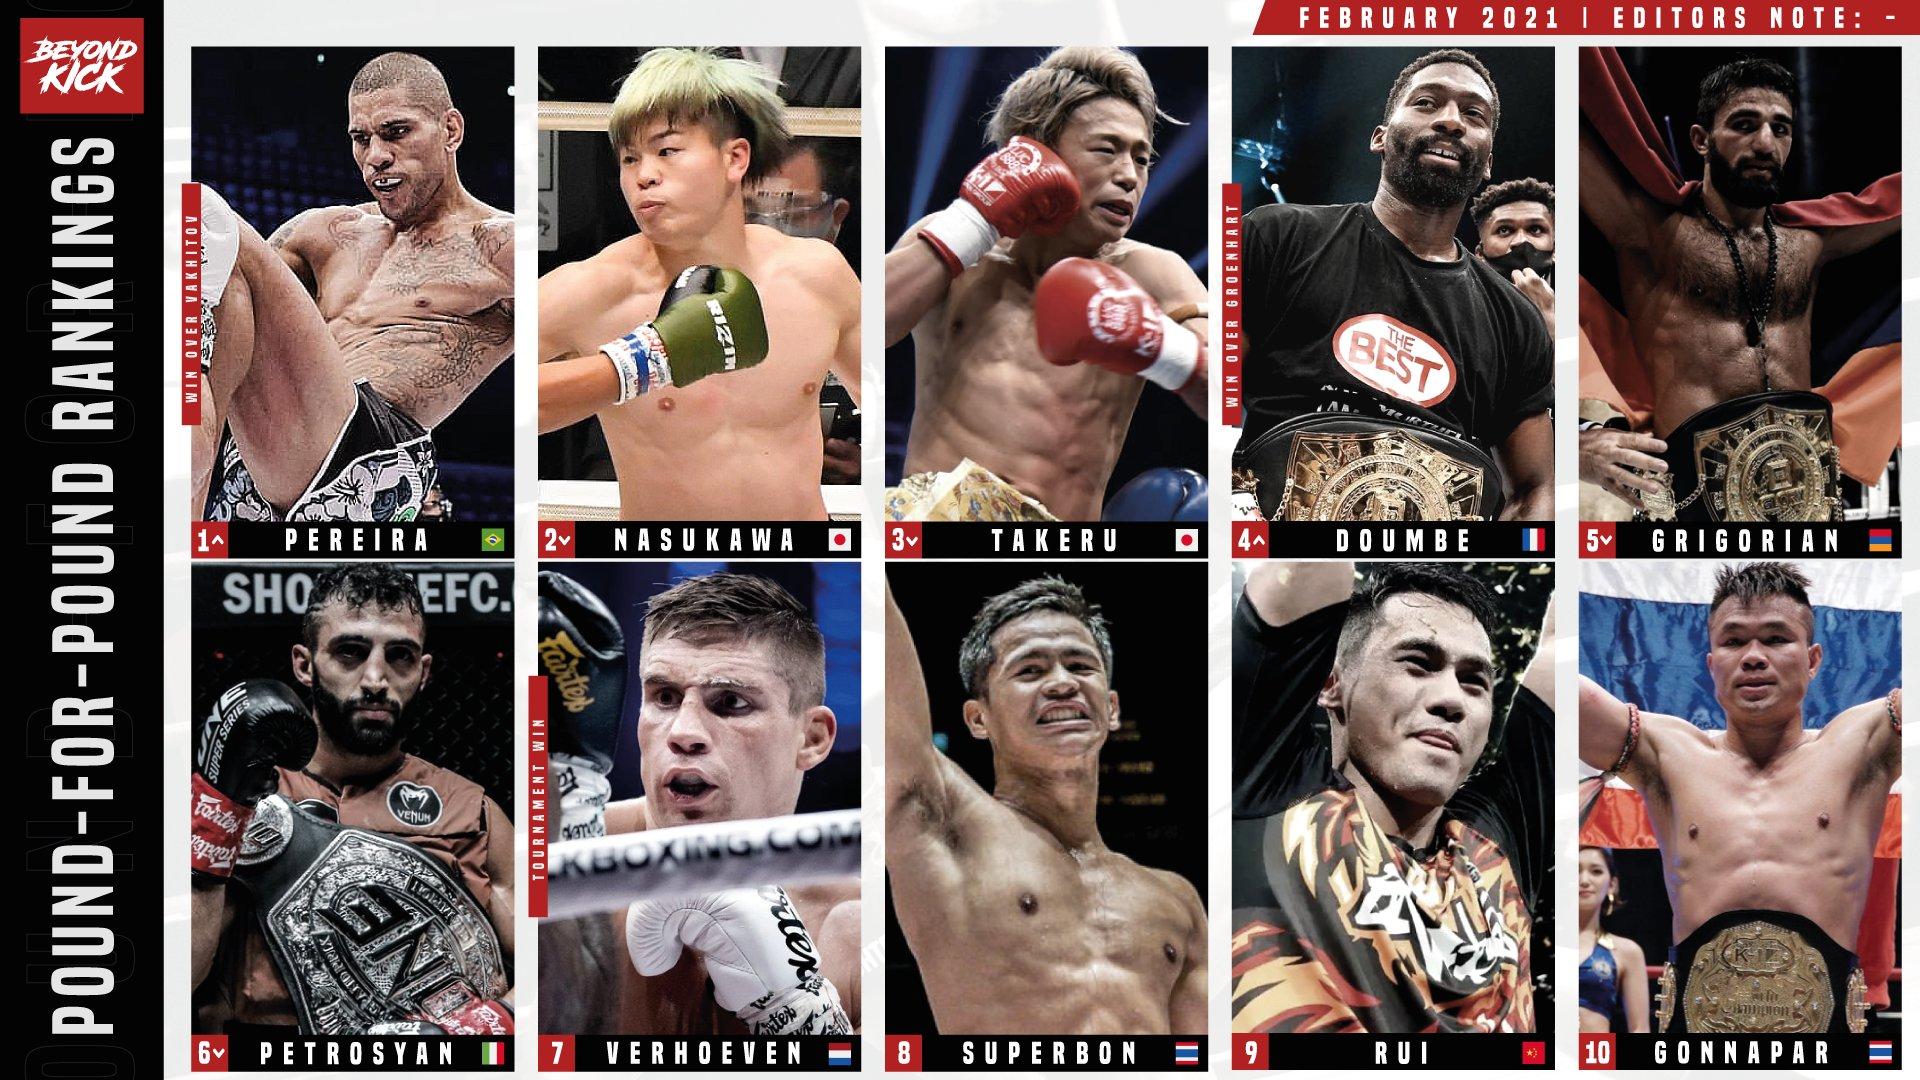 外媒评出世界十大自由搏击拳手:中国仅魏锐上榜,日本双星列二三